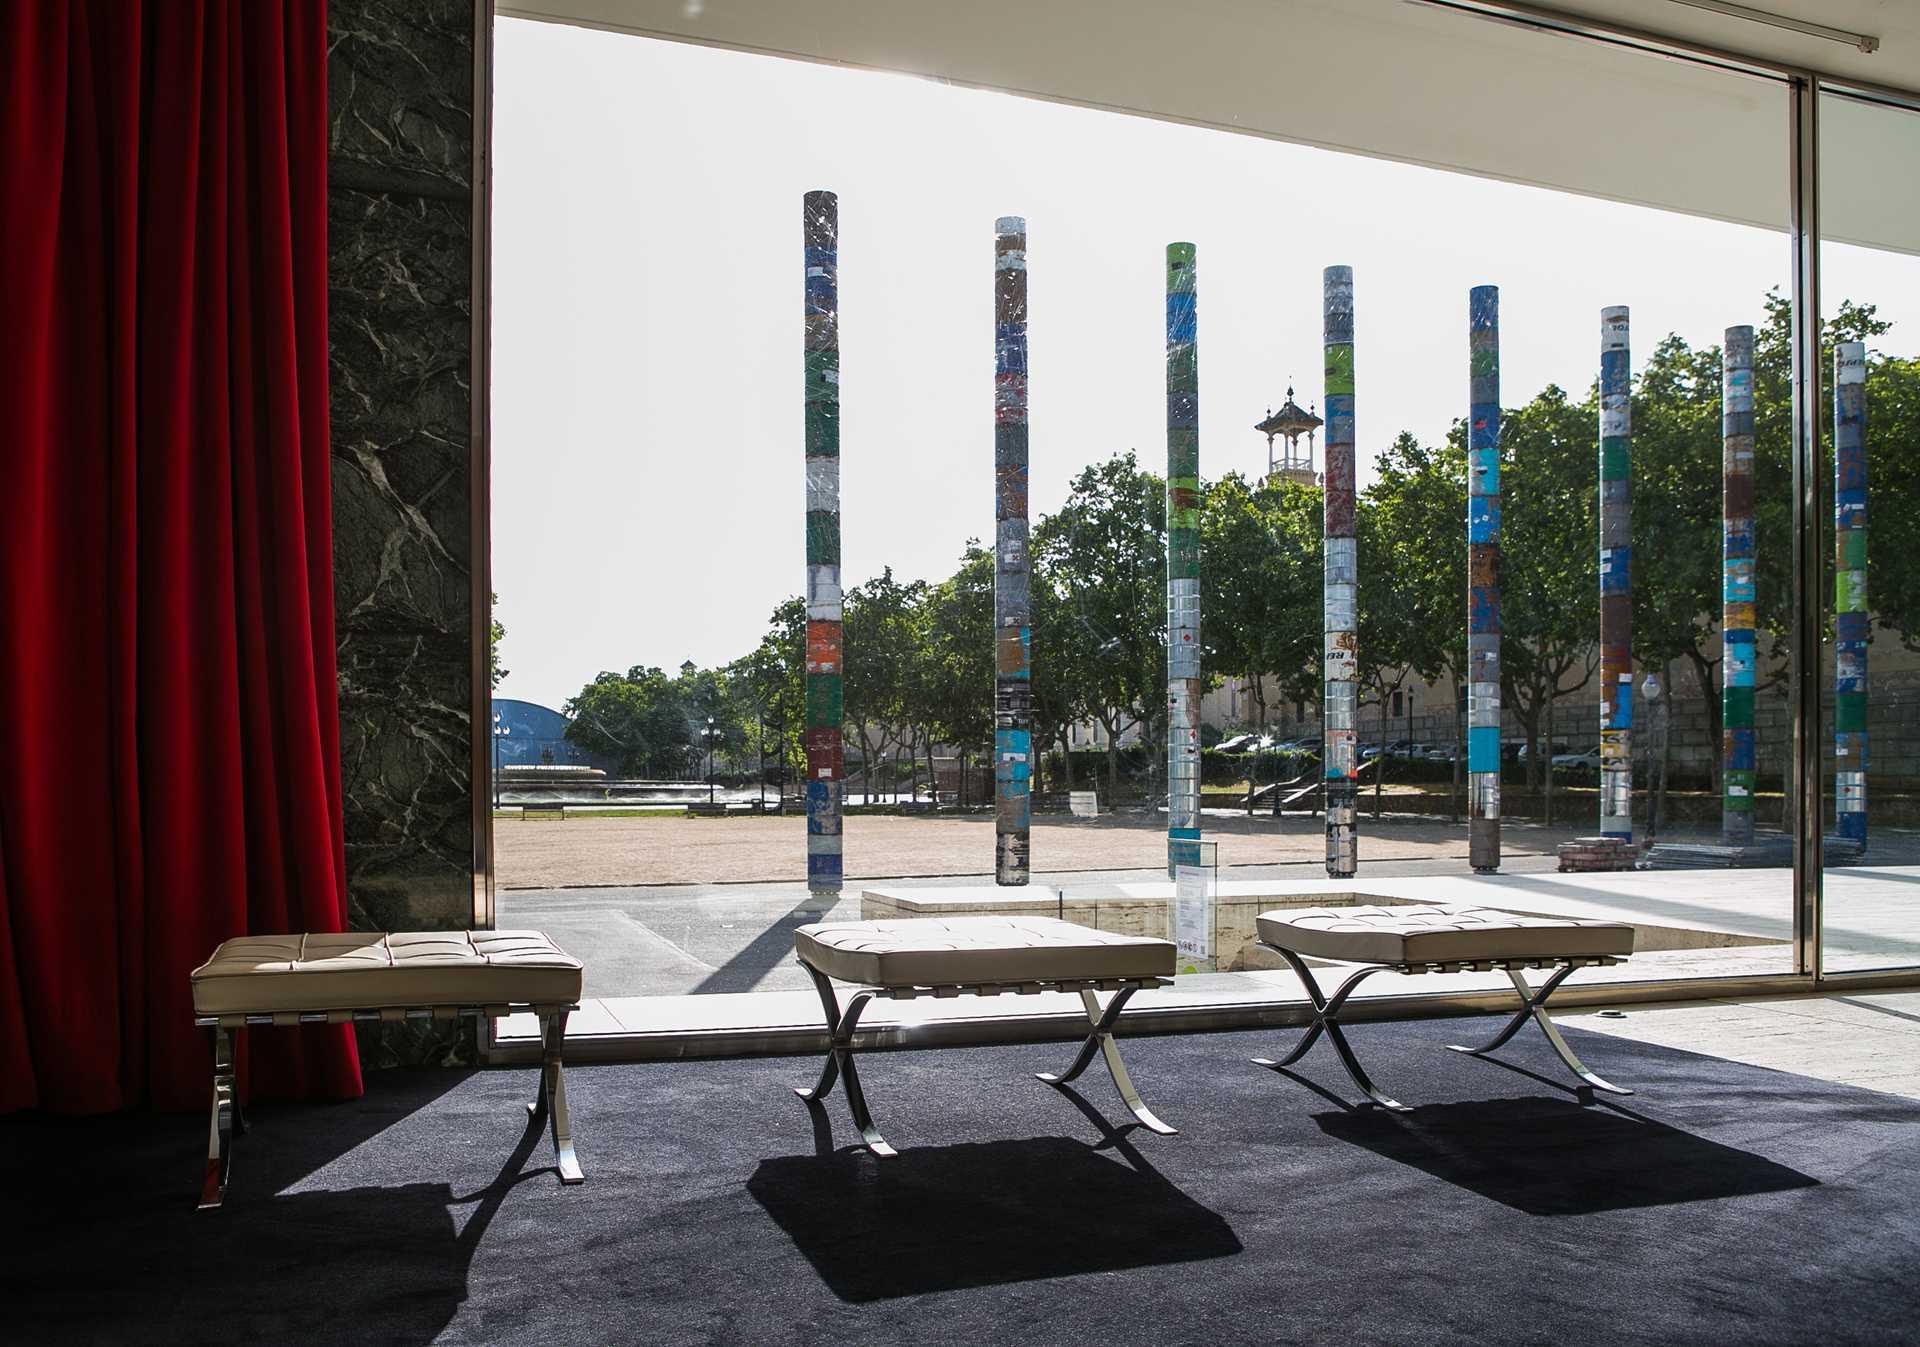 Columnas conmemorativas Pabellón de Barcelona  - 75 01 31